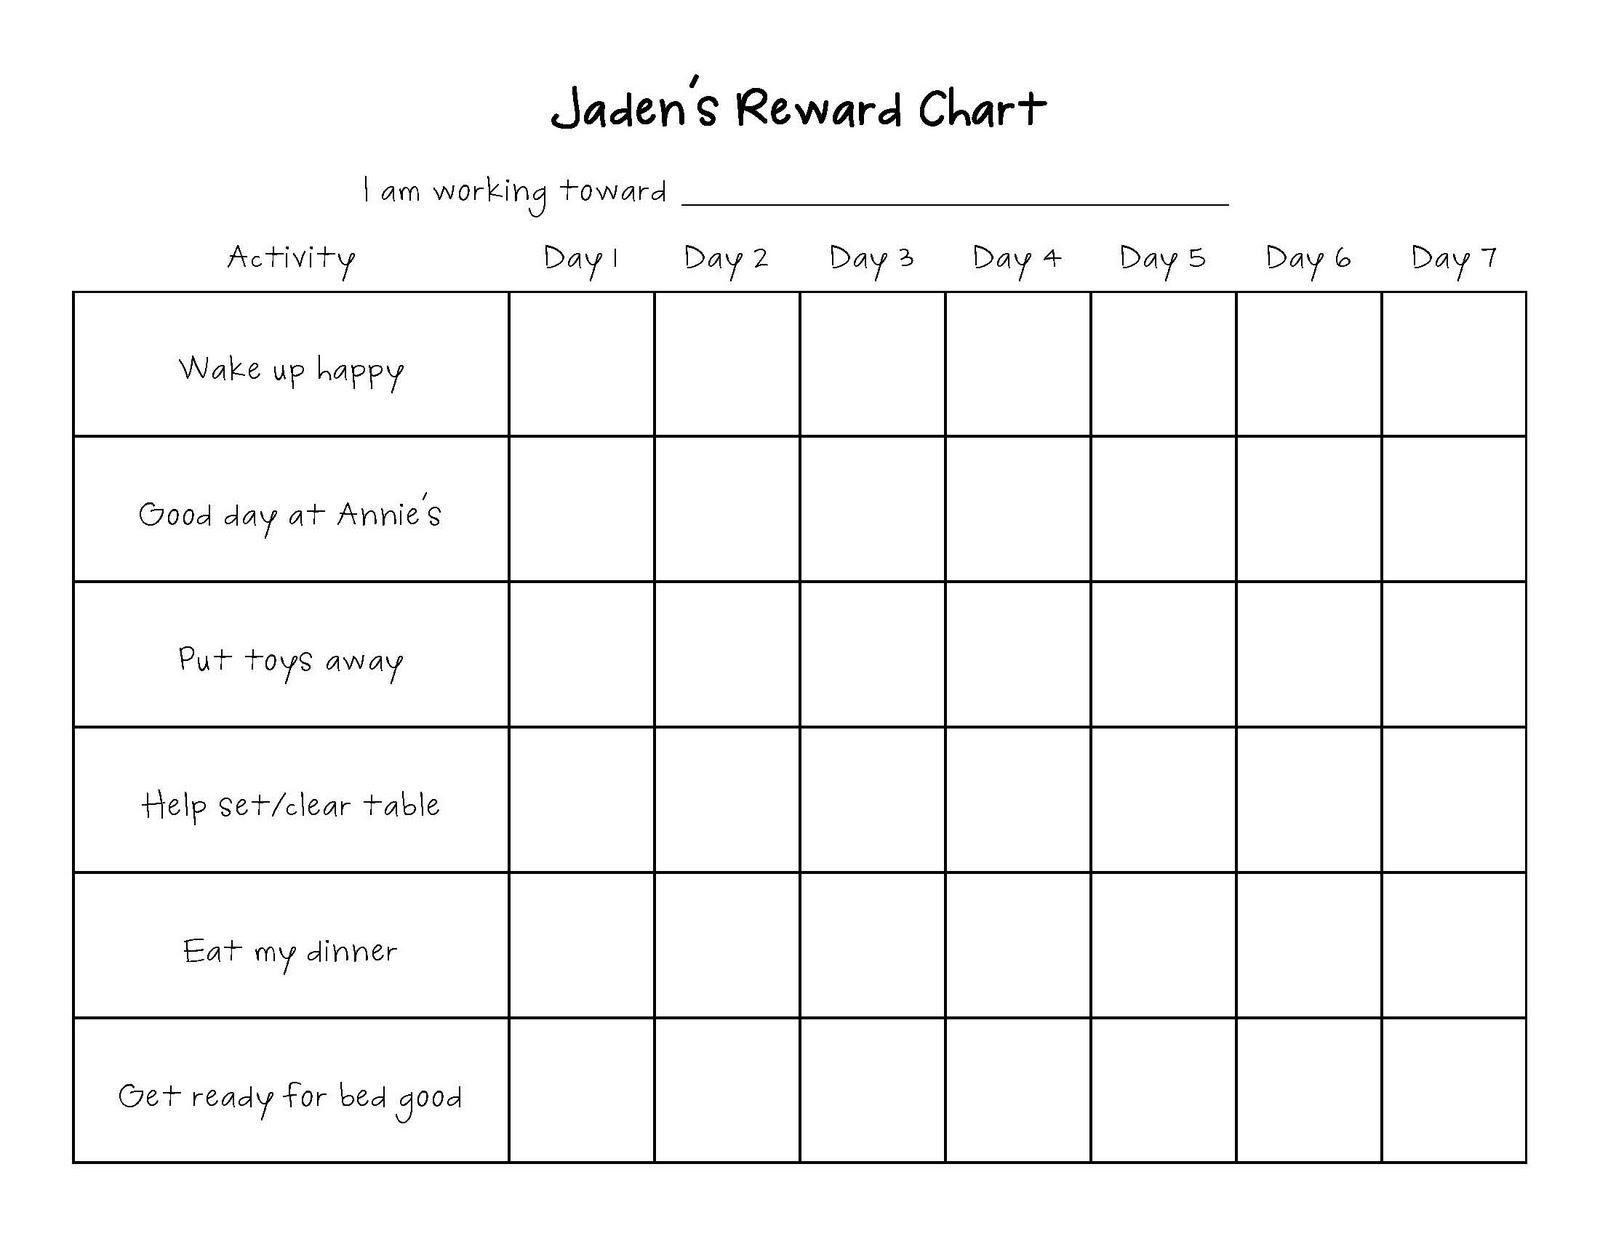 Blank Reward Chart Template best photos of blank reward charts – Blank Reward Chart